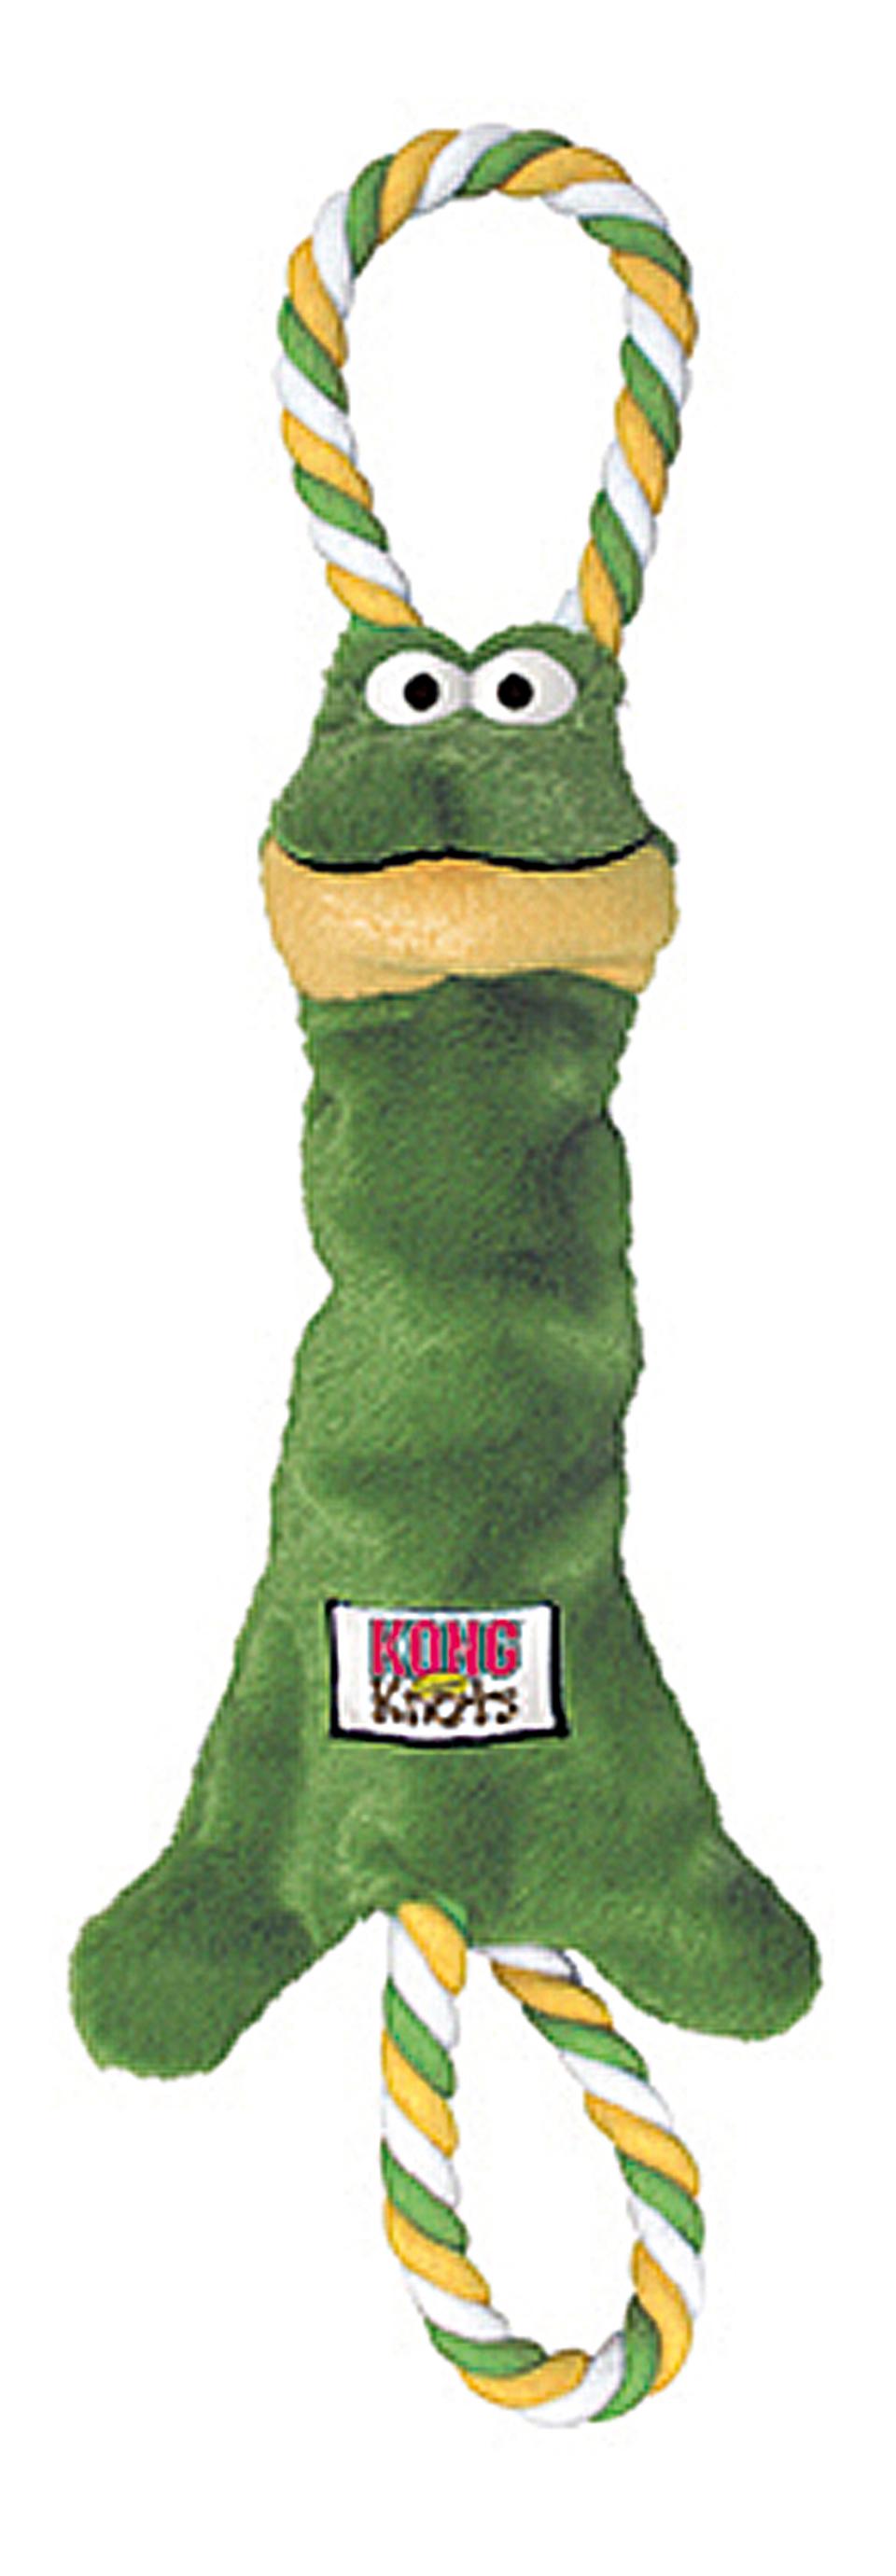 jouet peluche corde kong tugger knots grenouille 20 cm pour chien